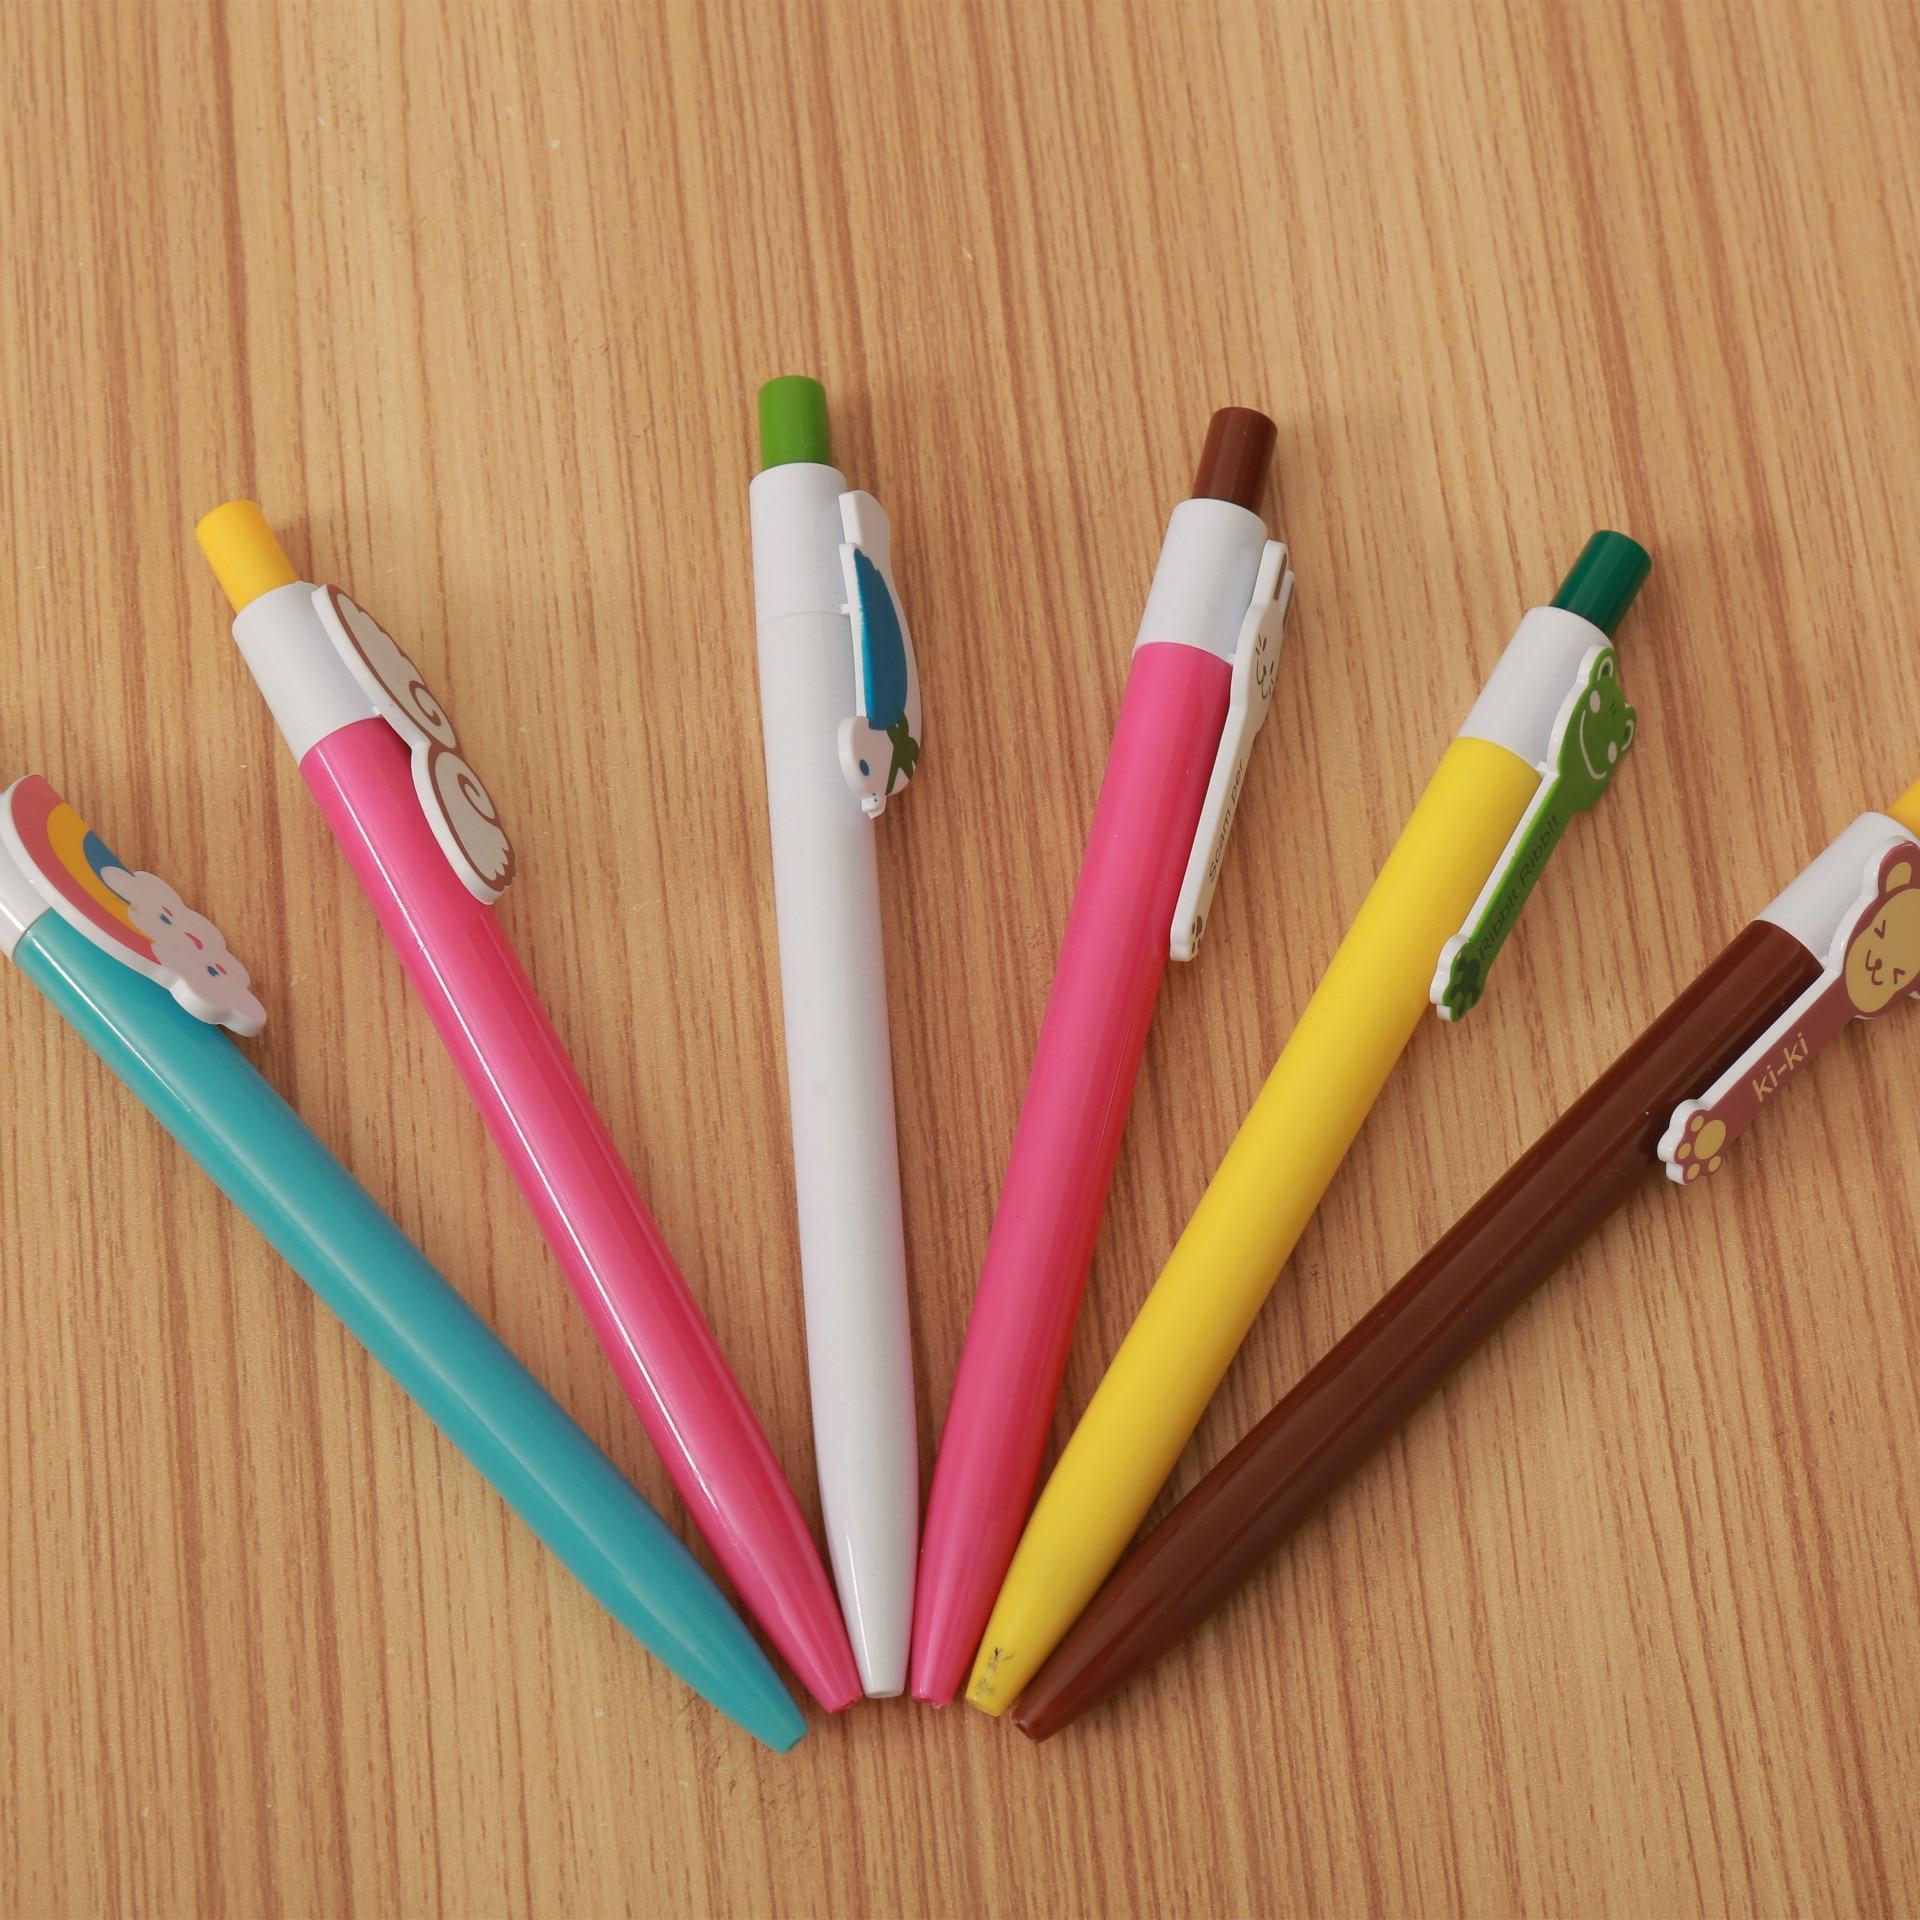 6 шт. пресс шариковая ручка пластиковая креативная Ручка канцелярия для учеников для офисных принадлежностей подарочные ручки Оптовая Прод...